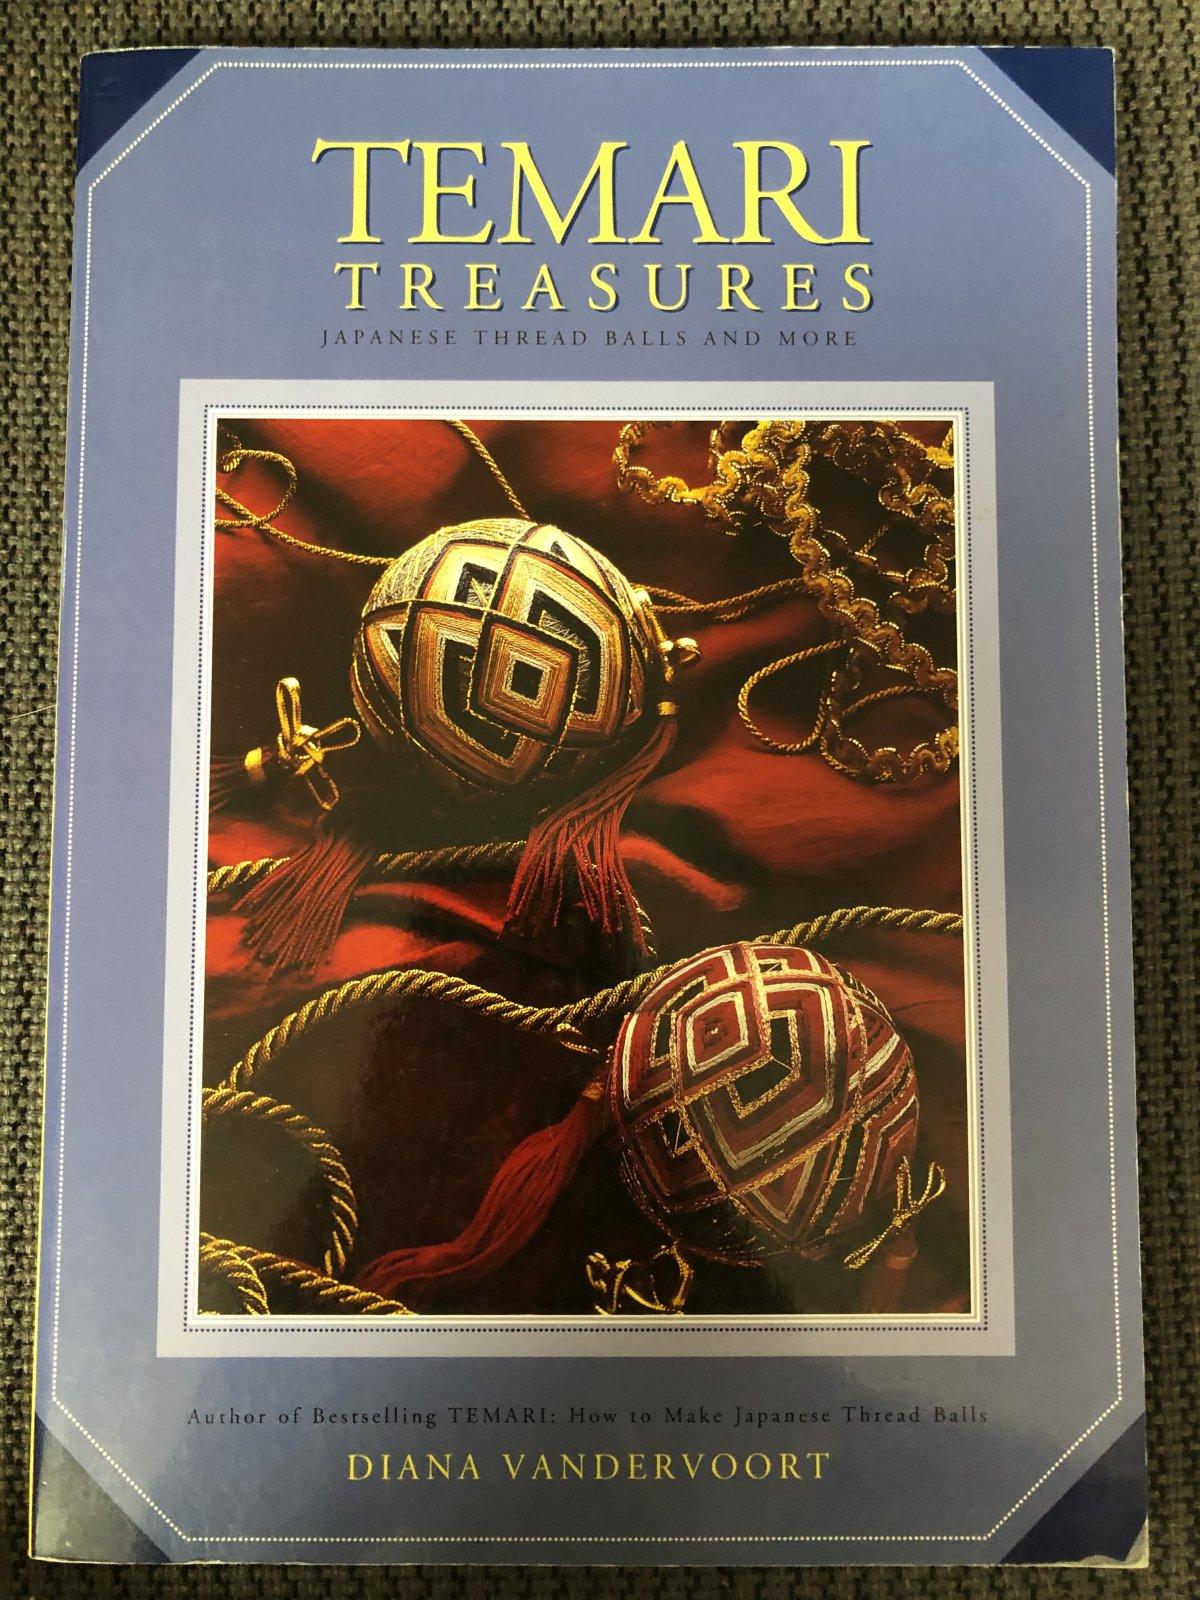 Temari Treasures